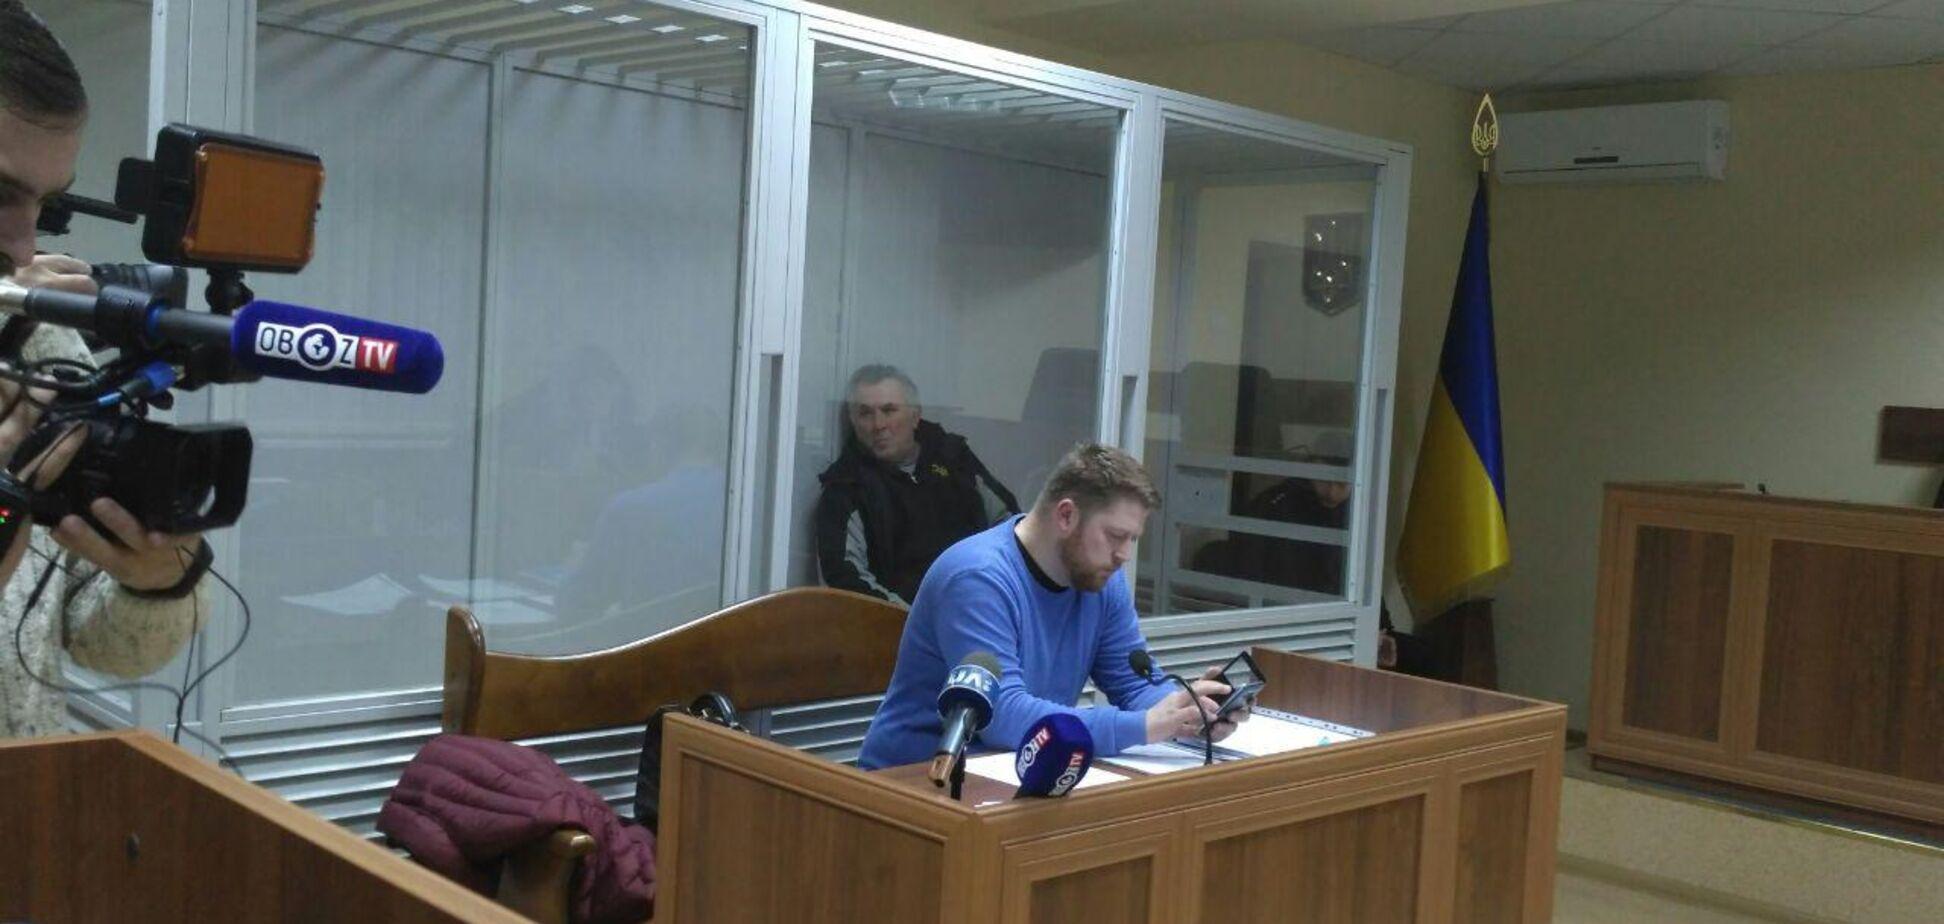 Вбивство Ноздровської: юрист вказала на лазівку для злочинця